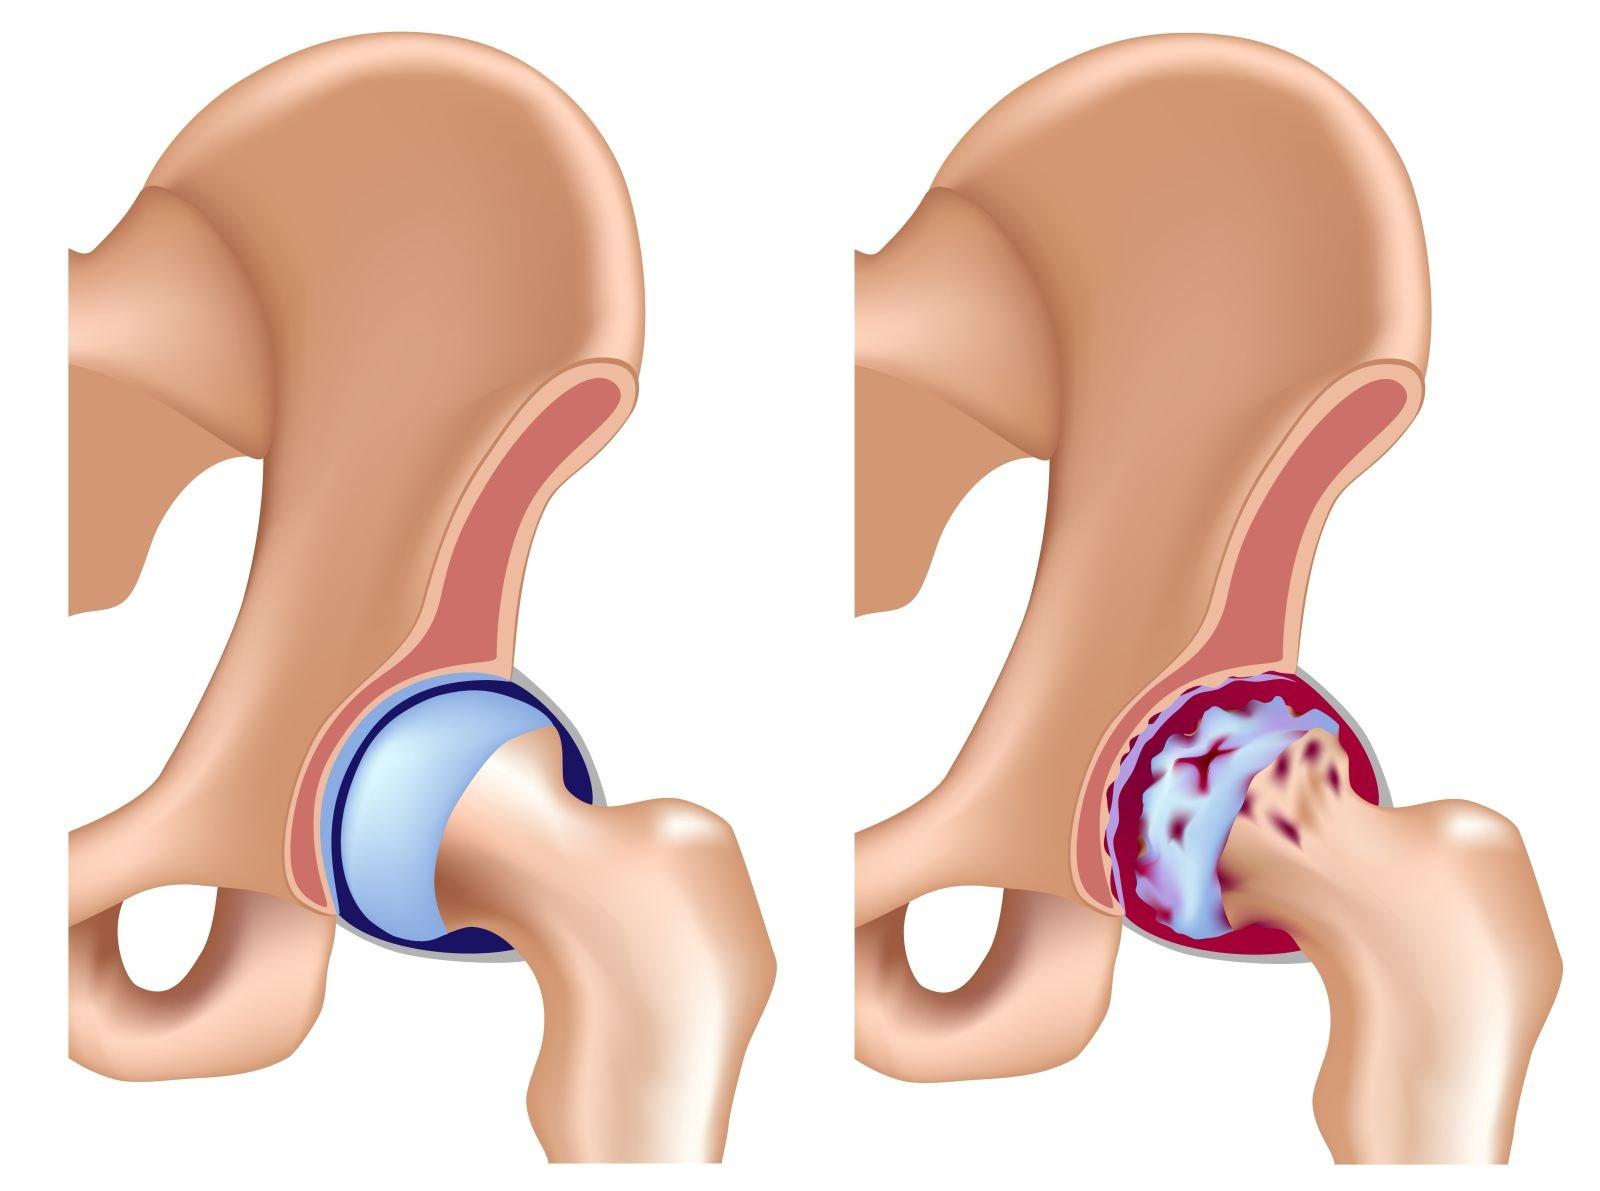 Асептический некроз головки бедренной кости: причины, симптомы и диагностика